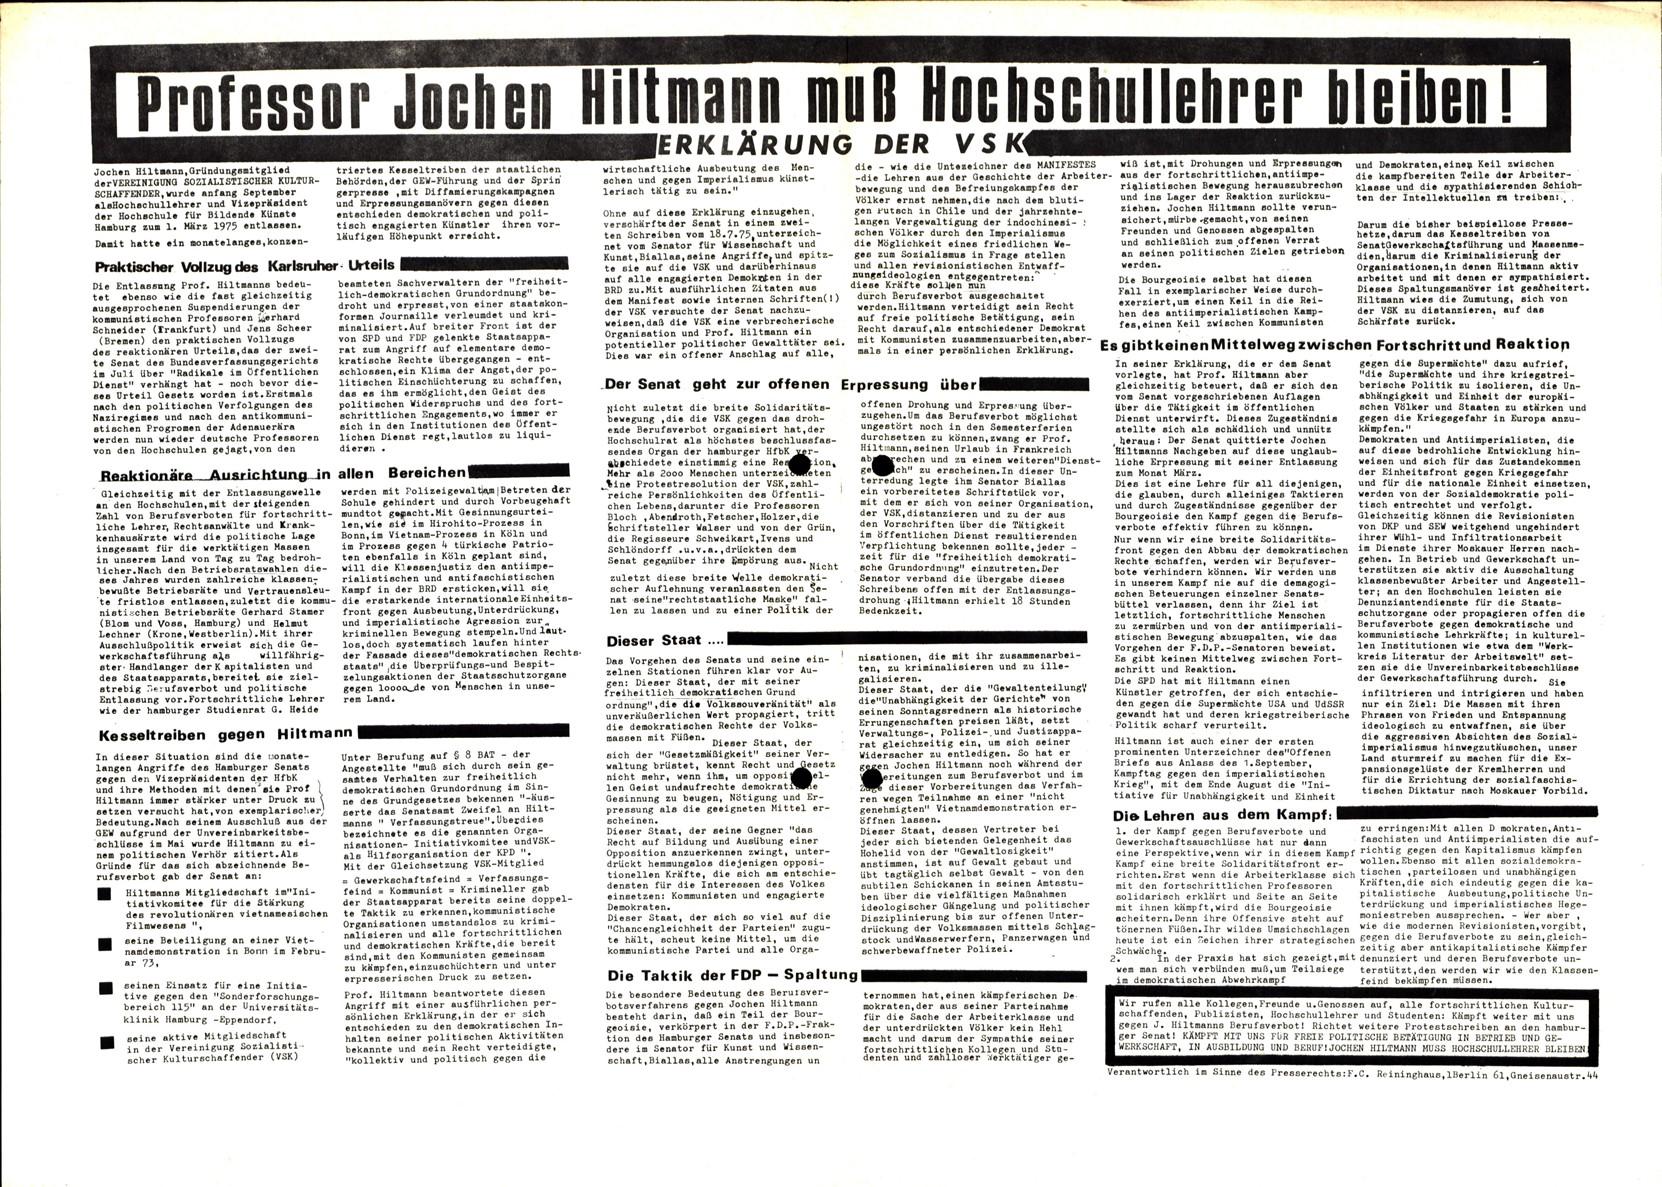 VSK_Kaempfende_Kunst_19750900_Sonderdruck_02